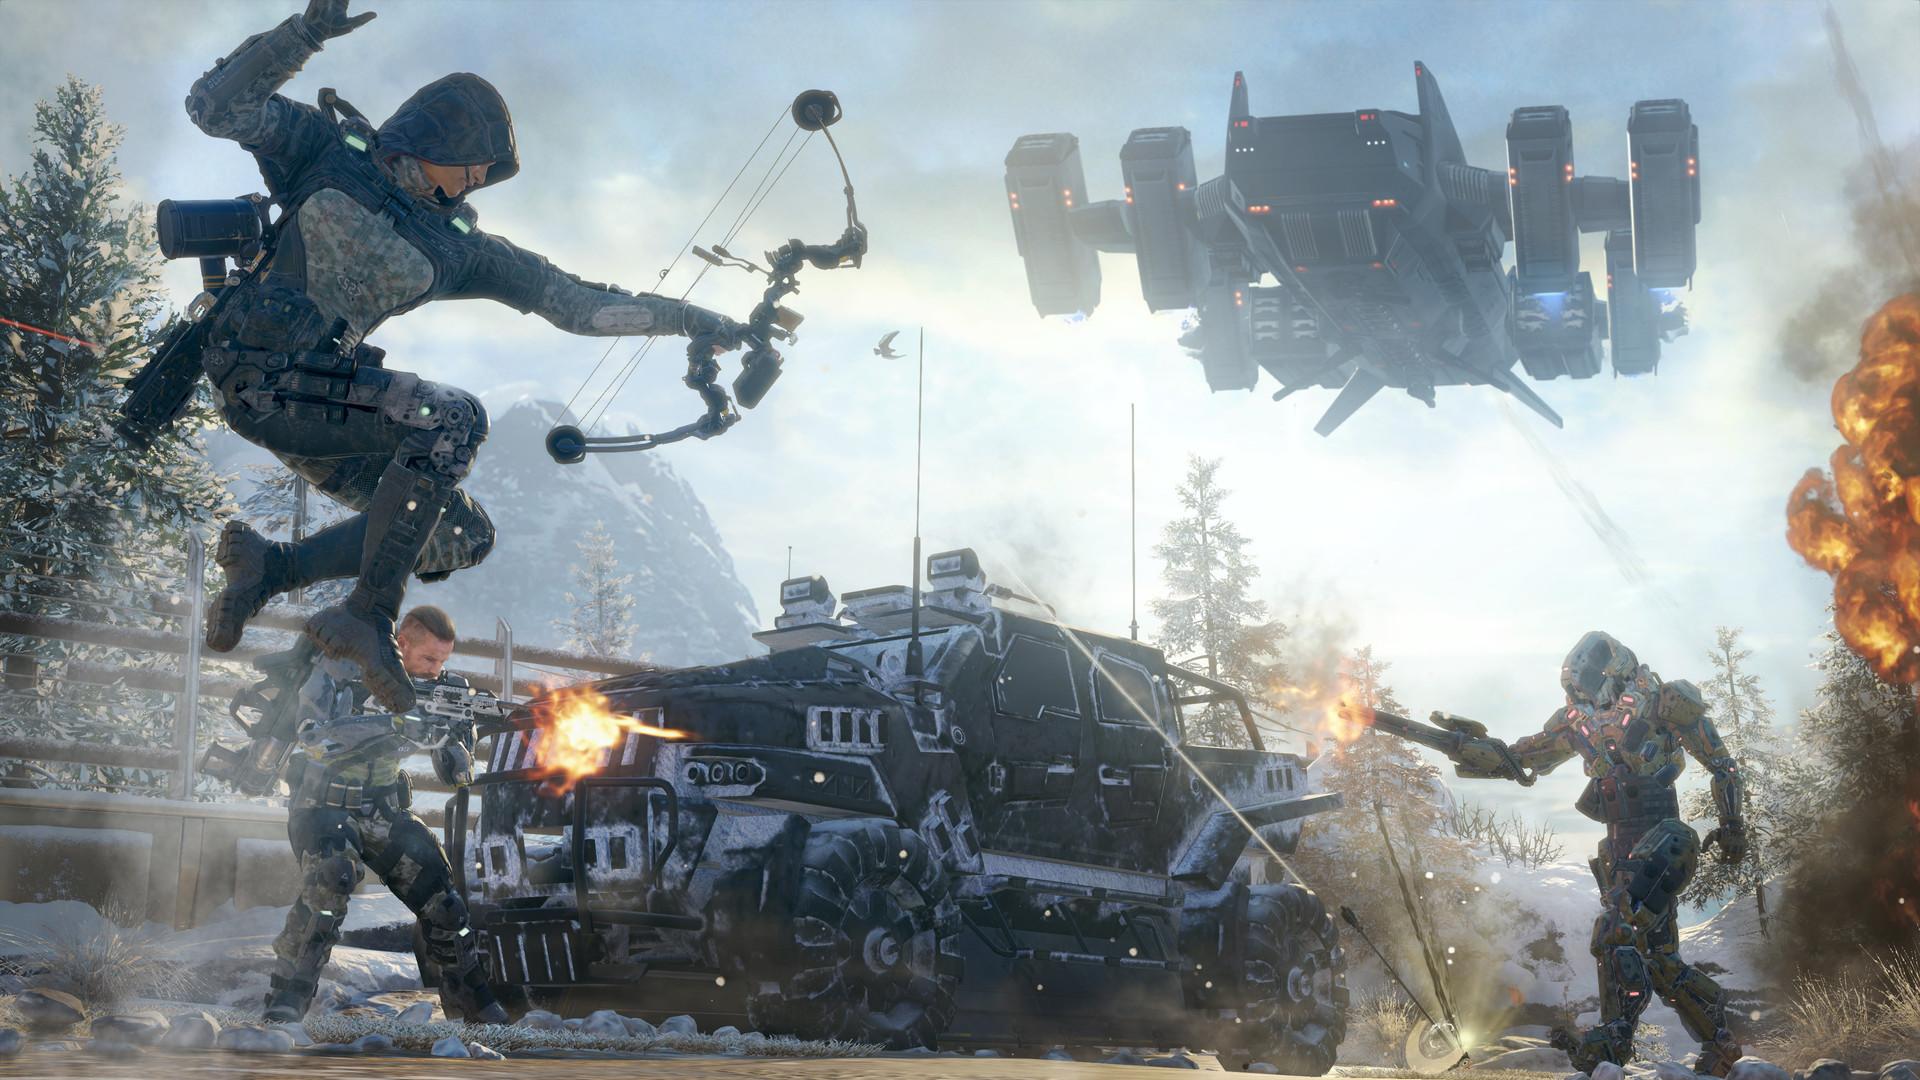 Call of Duty: Black Ops III image 1